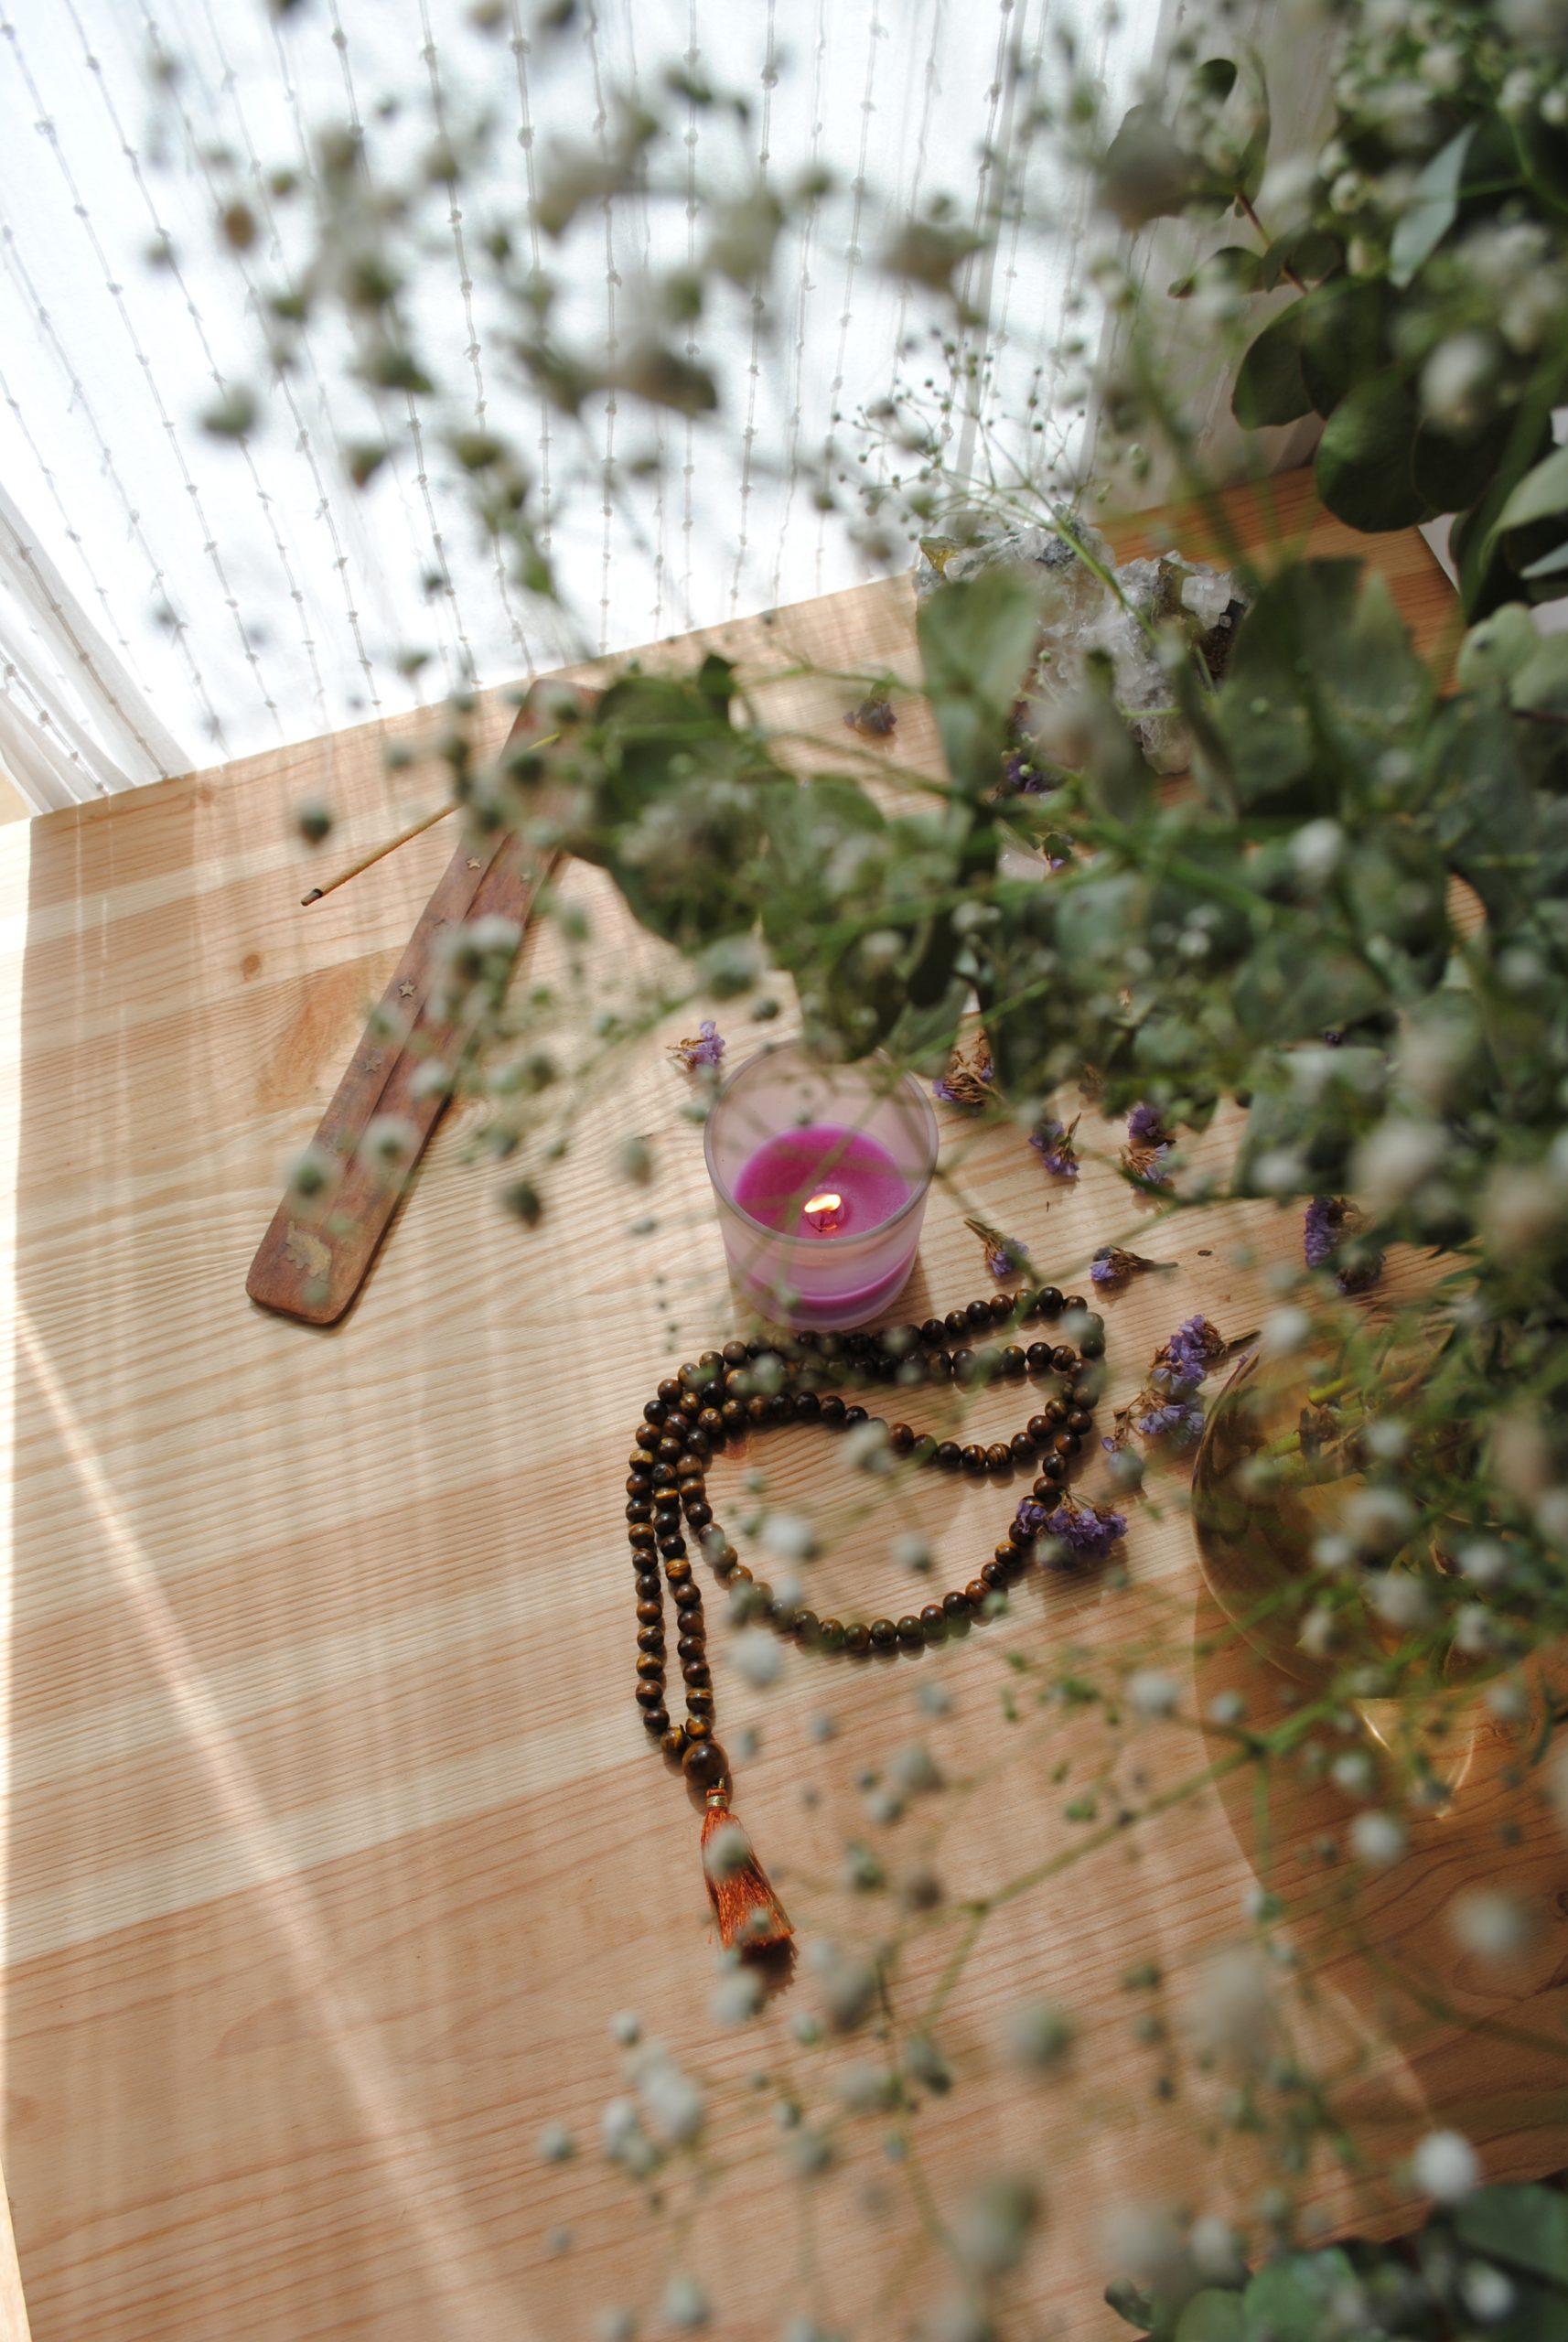 Mesa de madera con flores, una vela, incienso y un mala de meditación